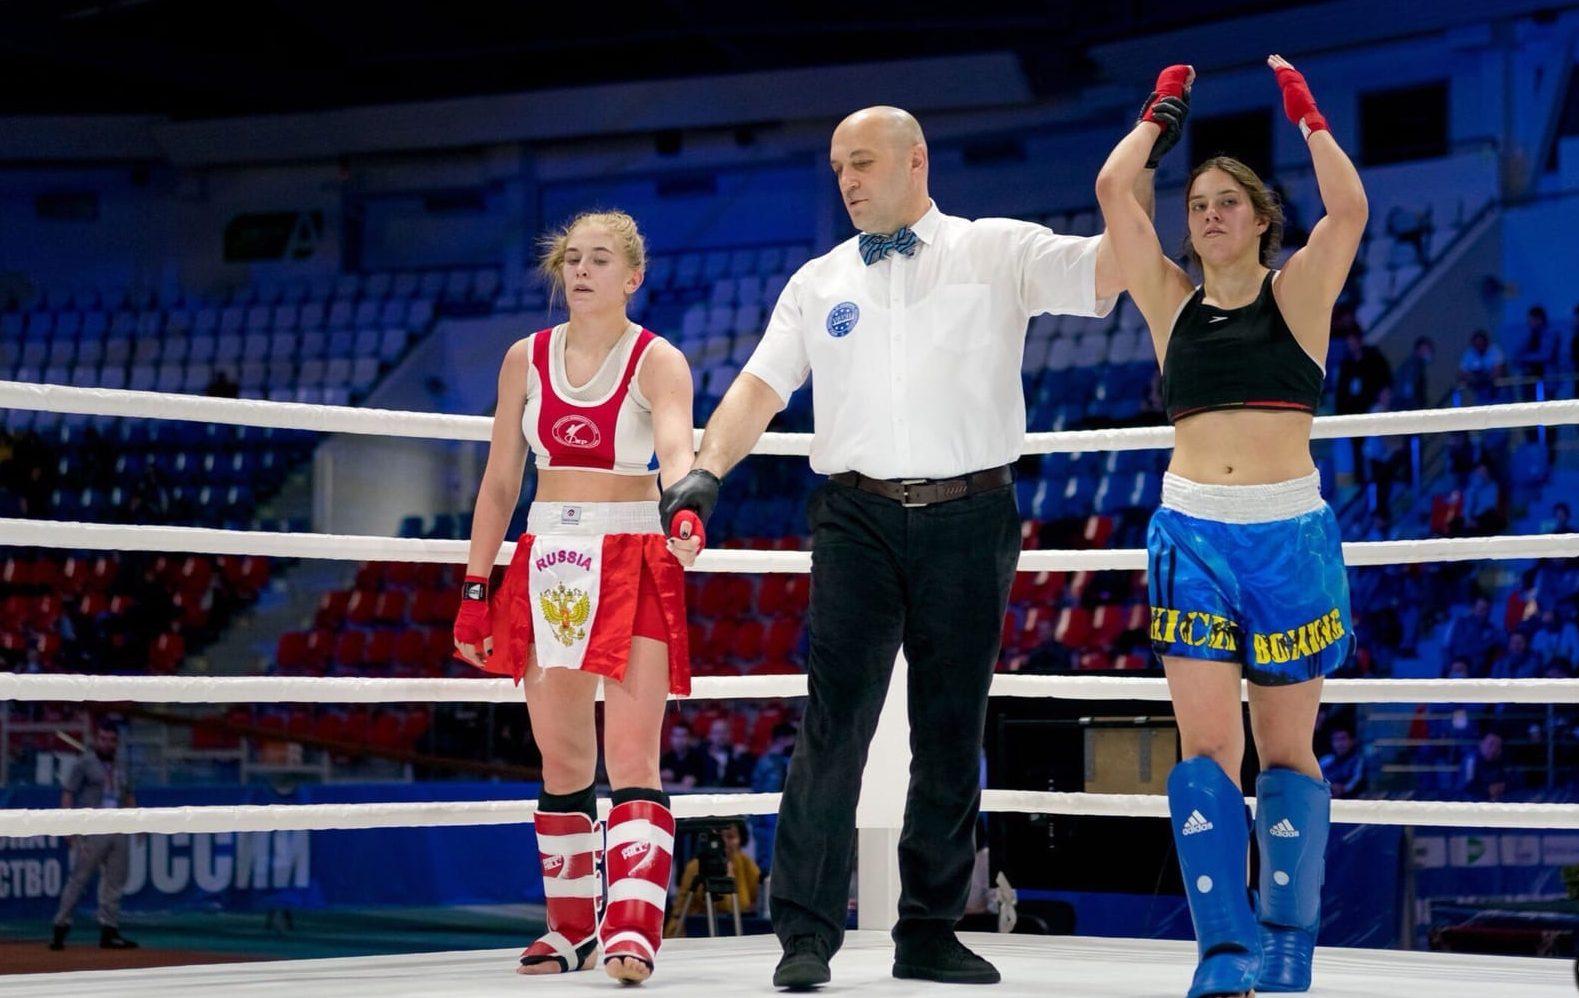 Спортсменка из Красносельского района стала чемпионкой России по кикбоксингу в разделе К1. Фото предоставили в пресс-службе Федерации кикбоксинга Москвы